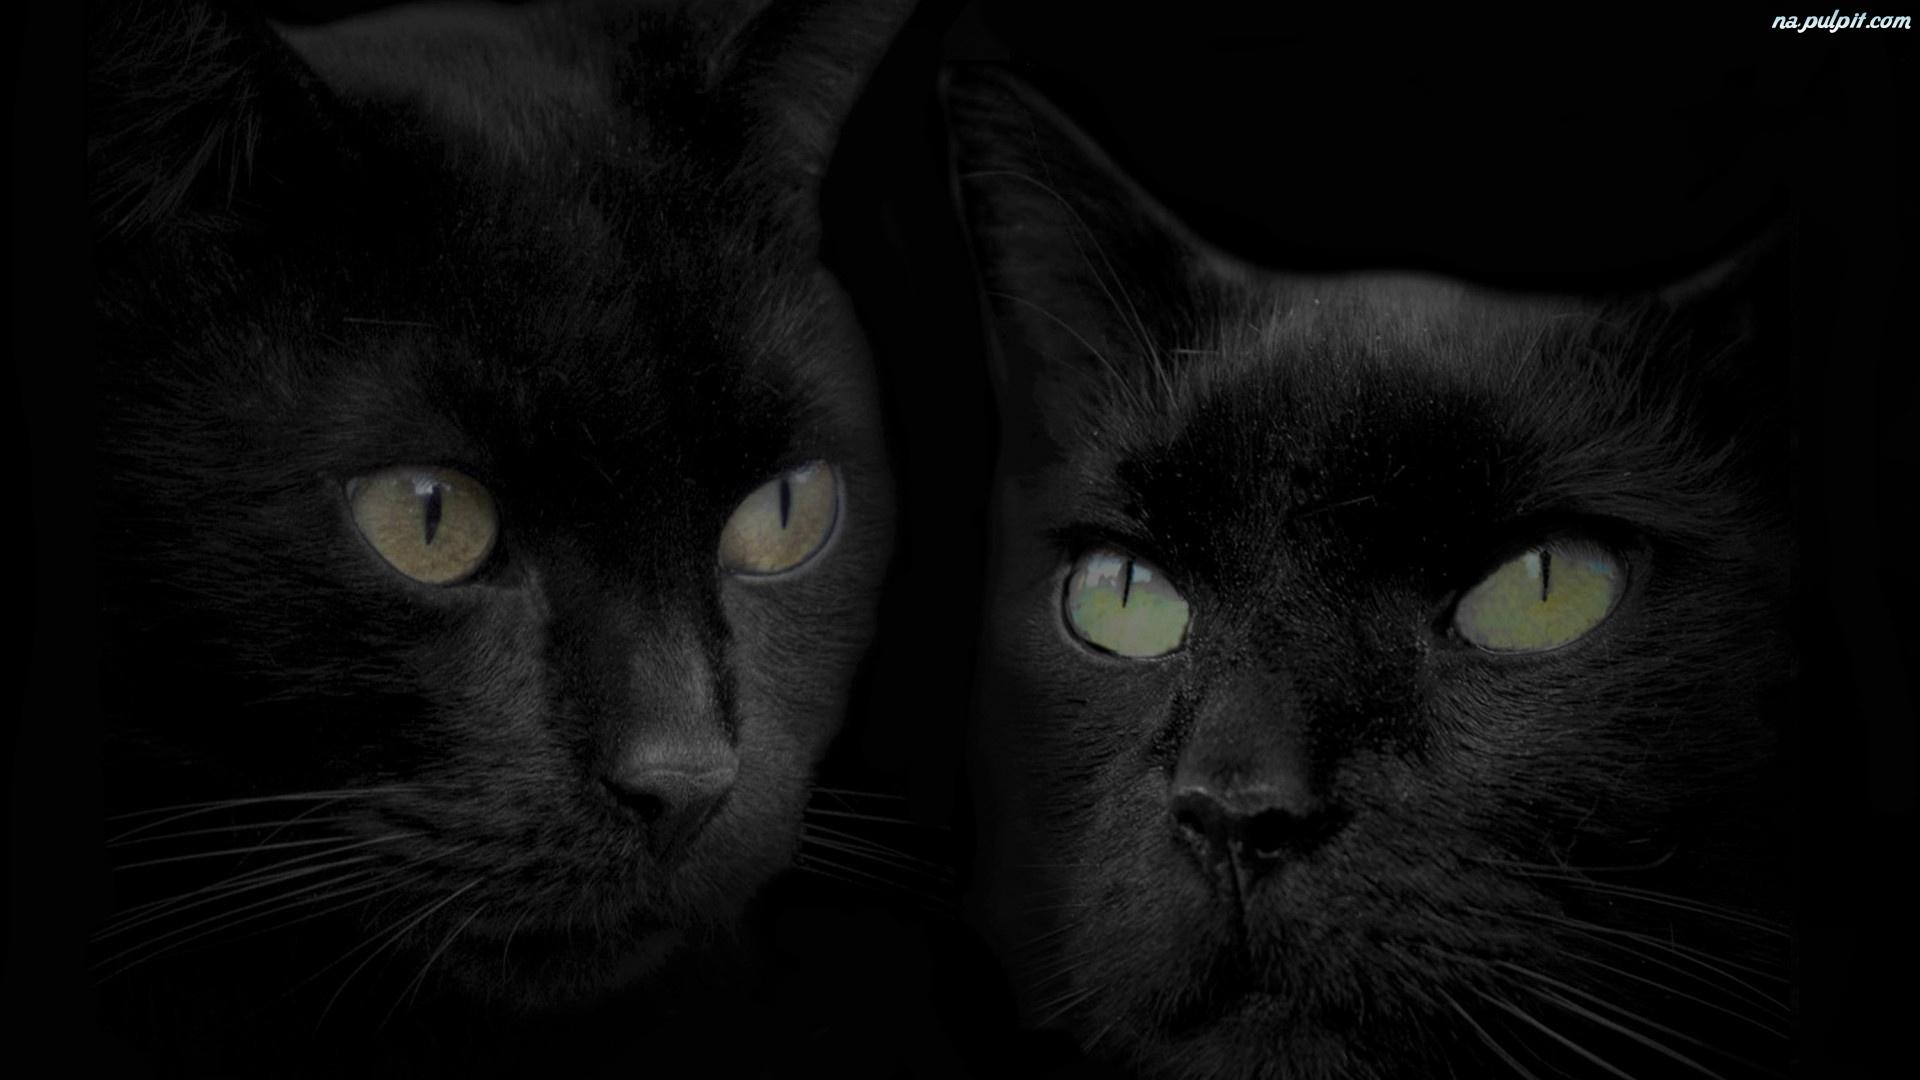 Черно белые обои на рабочий стол коты 5